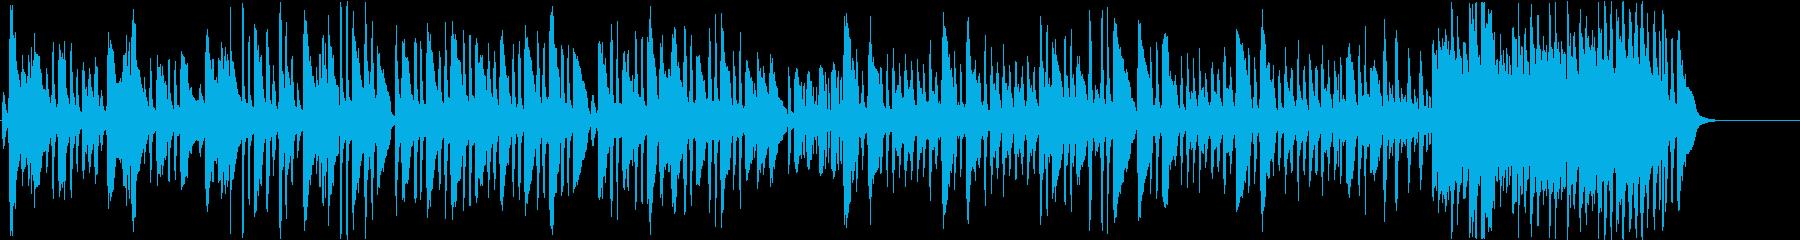 狩人の合唱のクラシック曲をヴァイオリンでの再生済みの波形